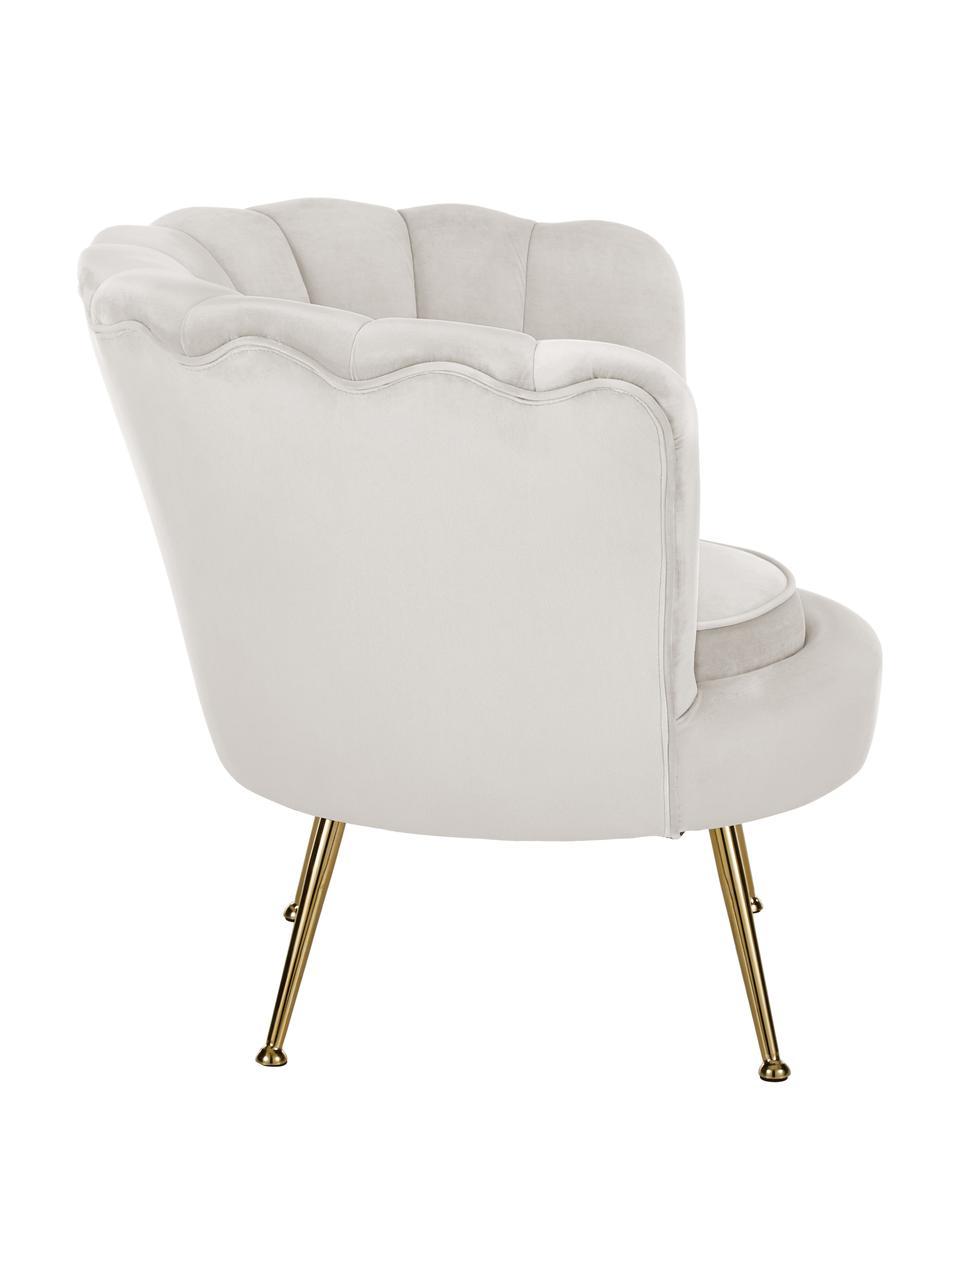 Samt-Sessel Oyster in Beige, Bezug: Samt (Polyester) Der hoch, Gestell: Sperrholz, Füße: Metall, galvanisiert, Samt Cremeweiß, 81 x 75 cm